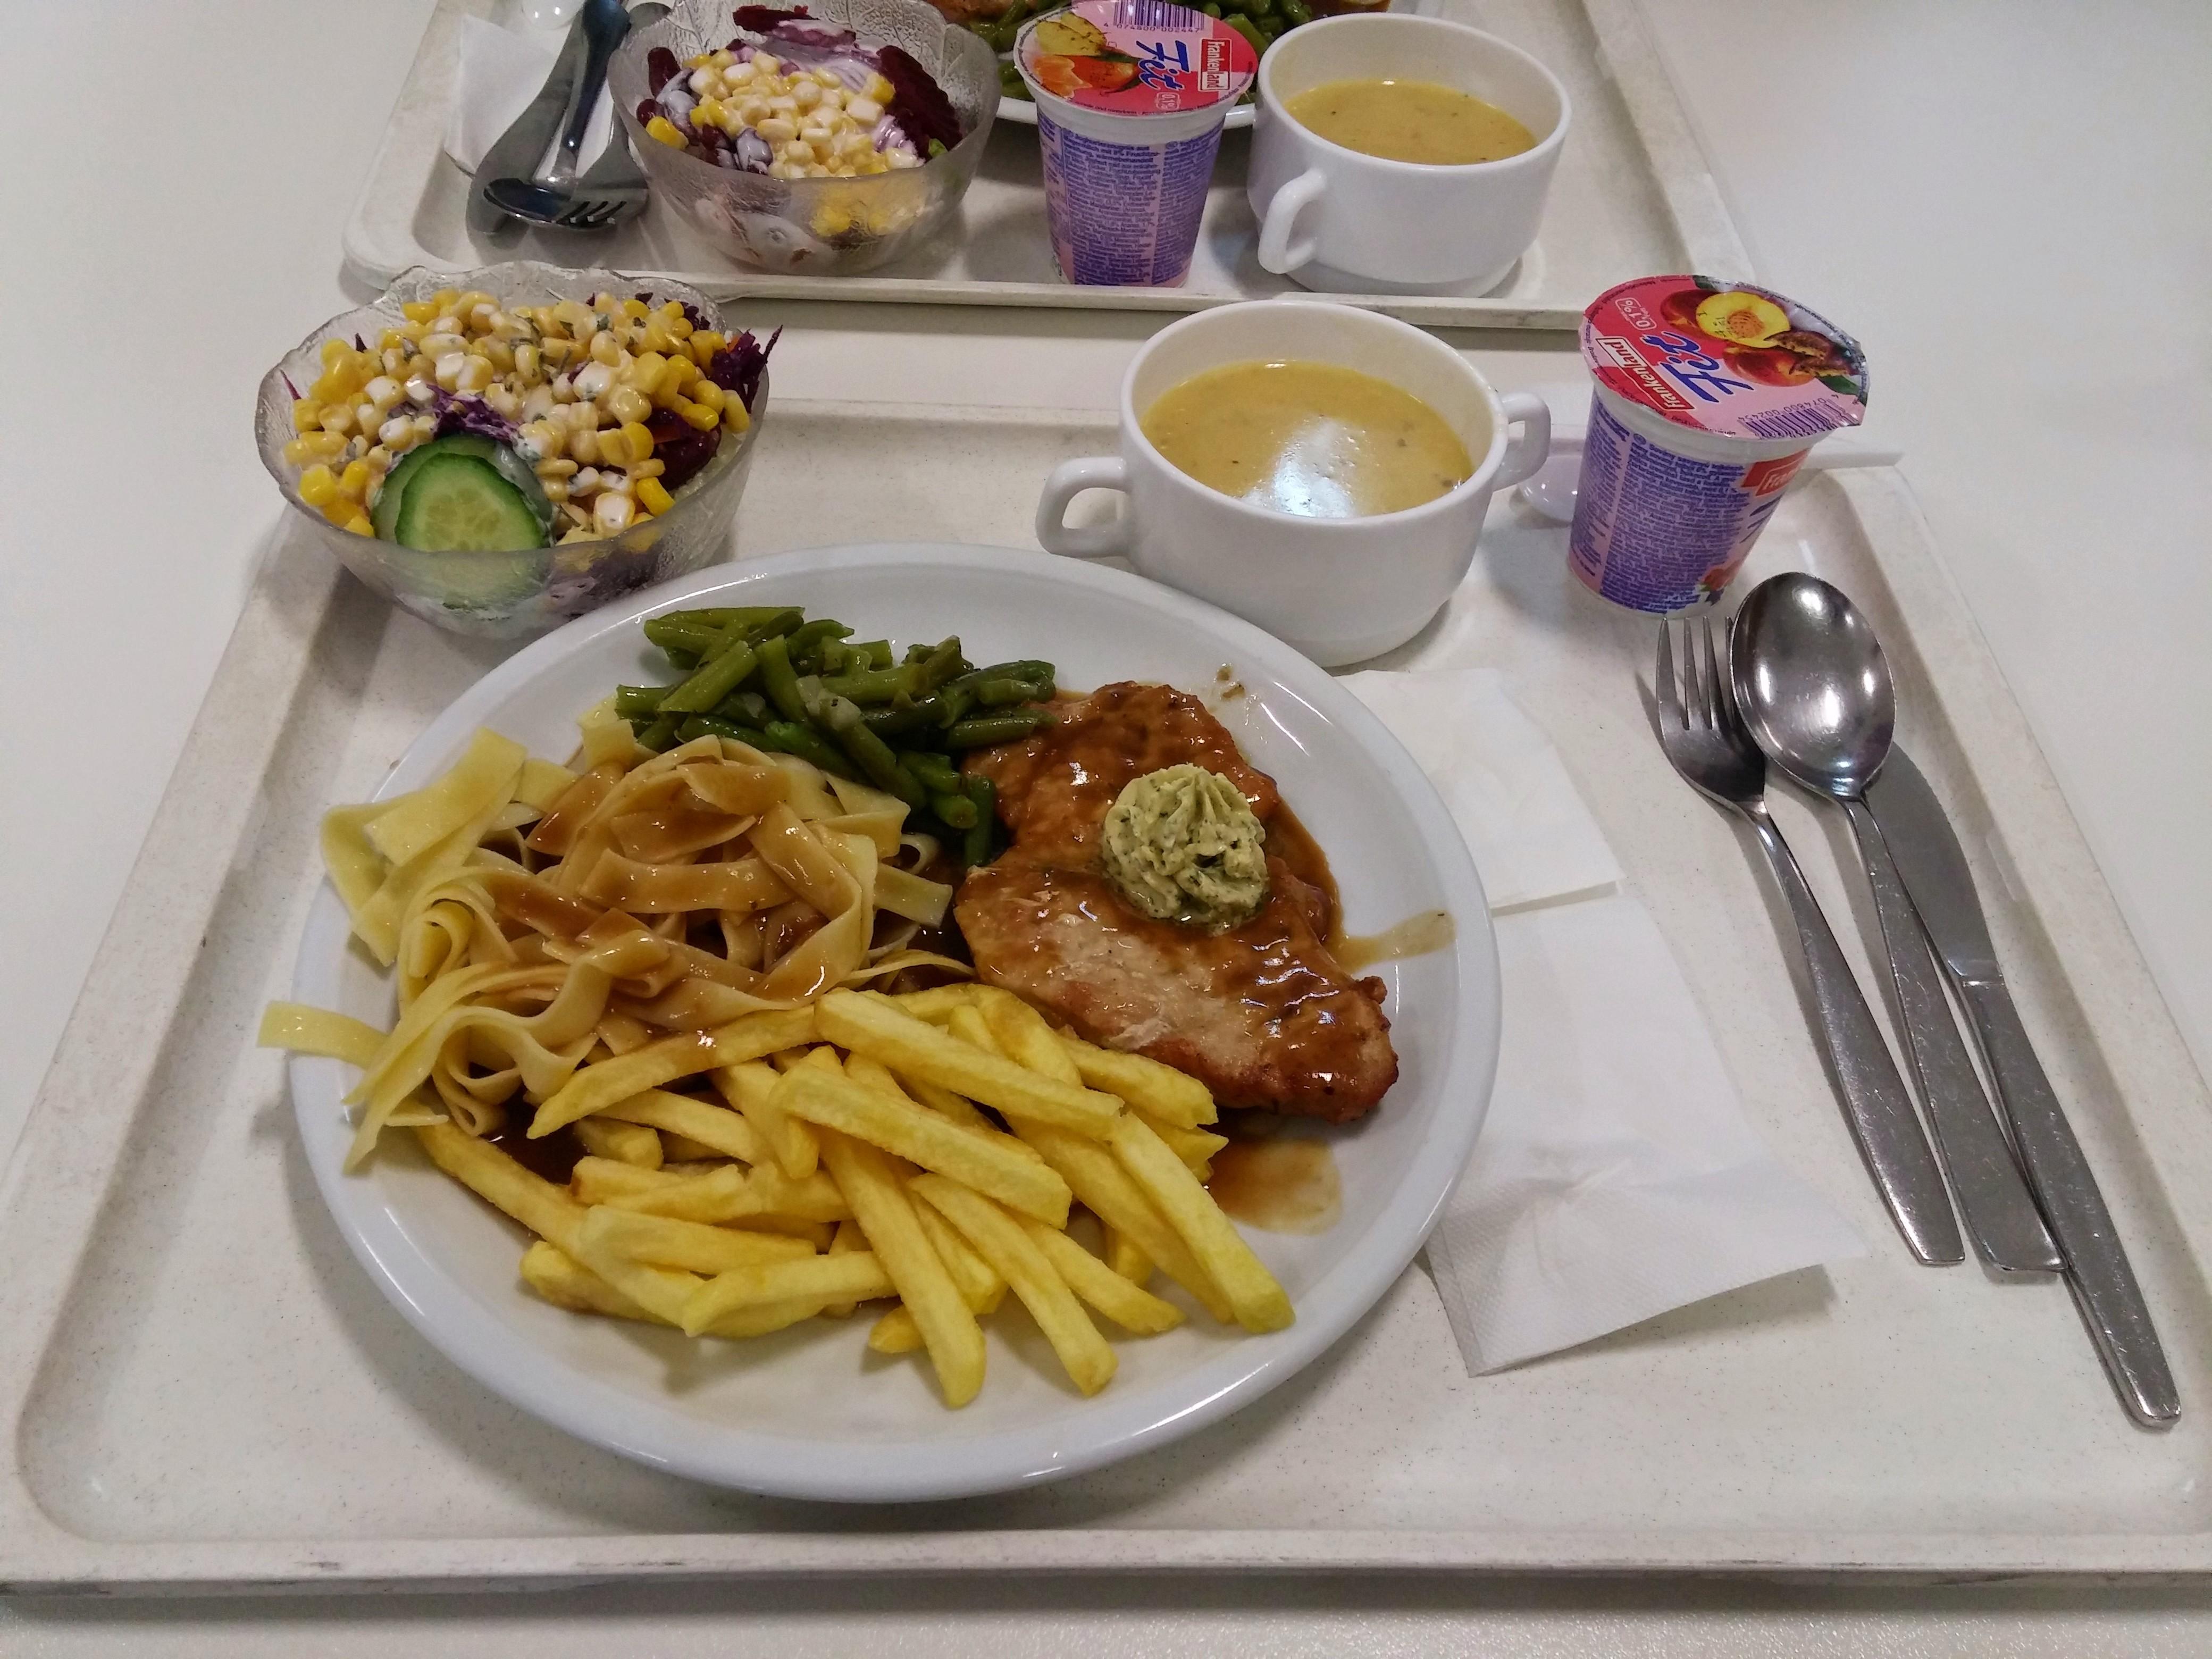 https://foodloader.net/nico_2015-02-05_rueckensteak-mit-pommes-bandnudeln-bohnen-suppe-salat-und-nachtisch.jpg